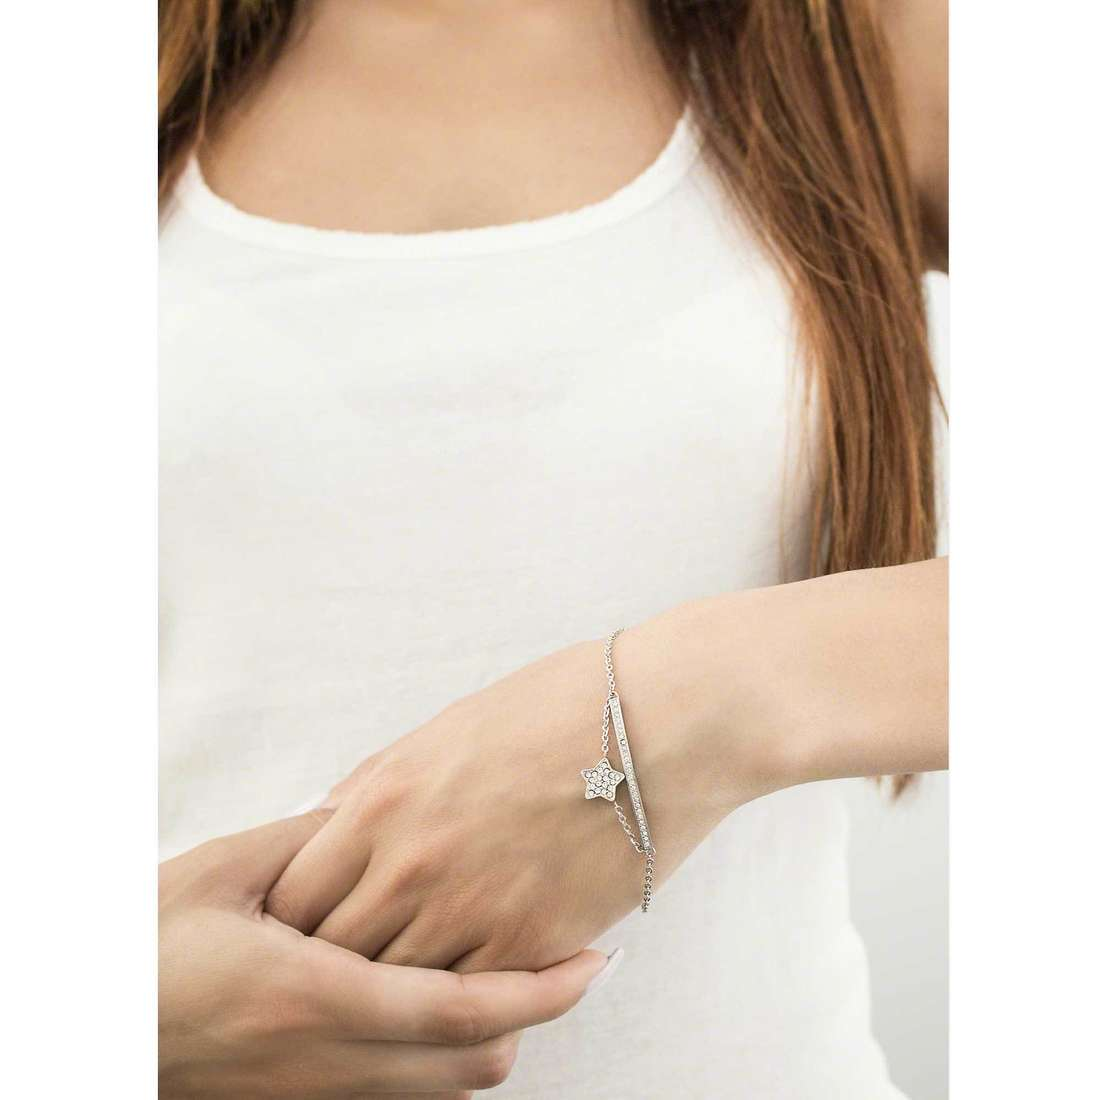 Morellato bracciali Mini donna SAGG07 indosso